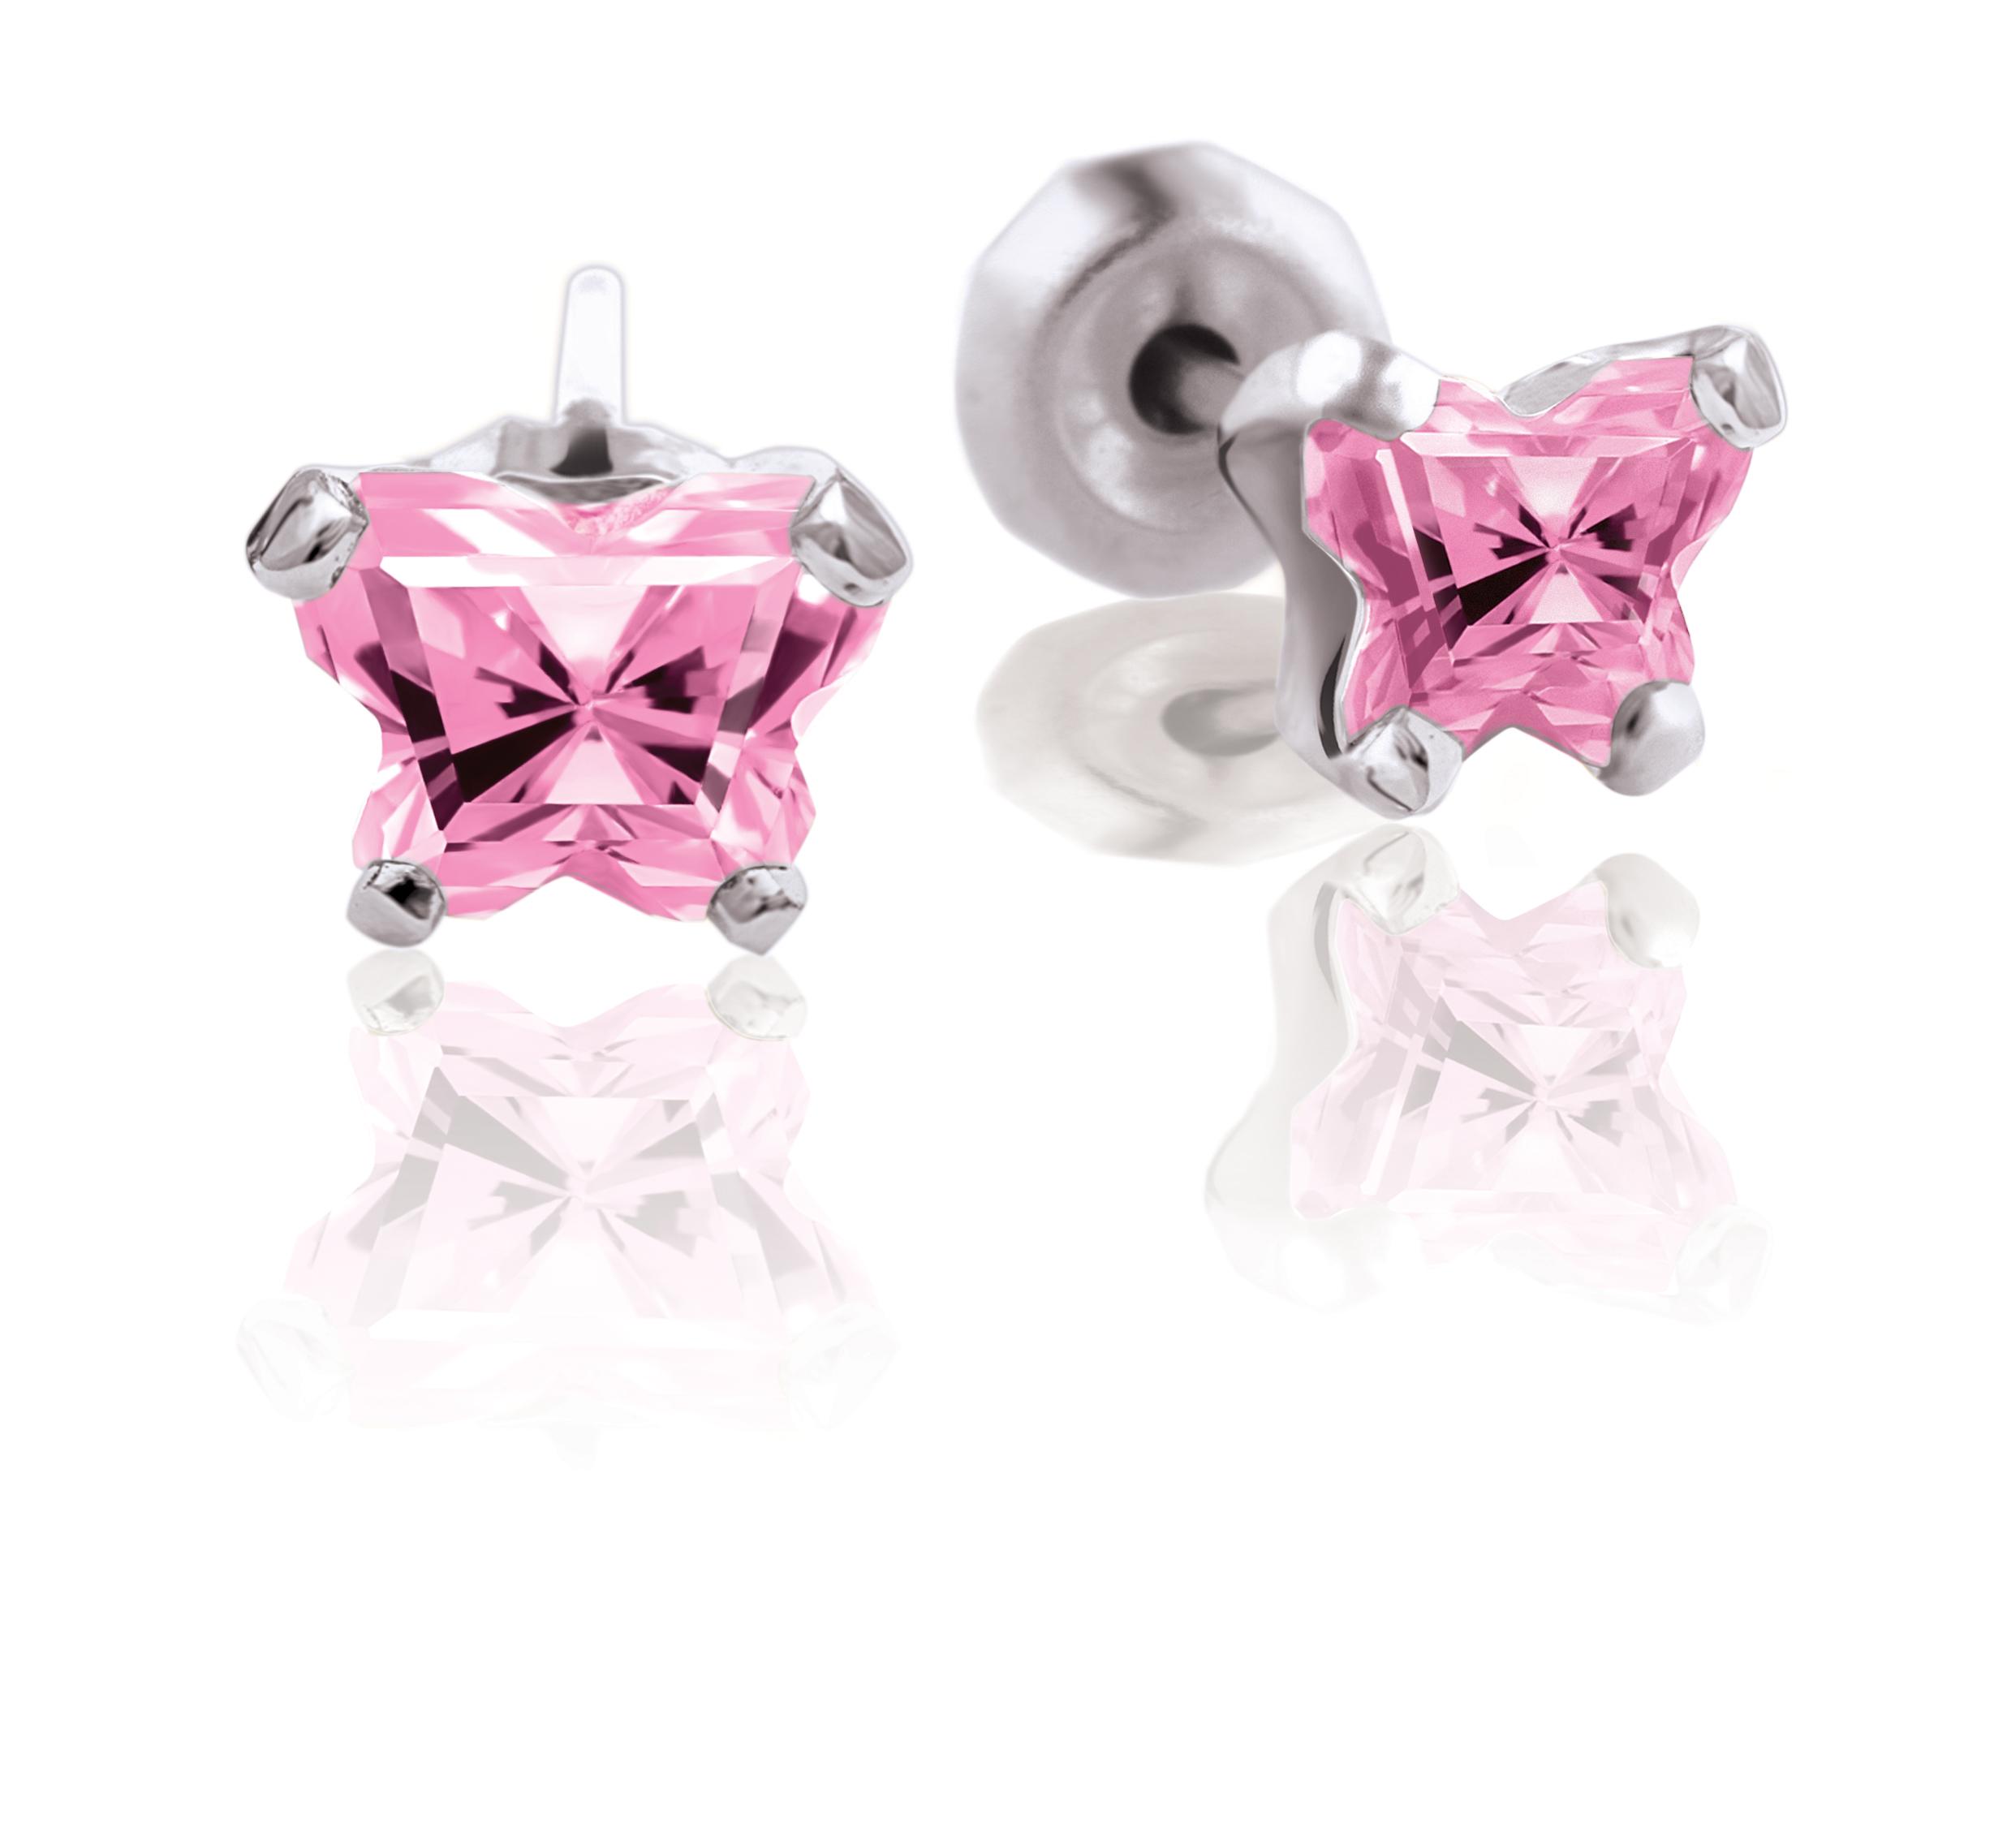 Boucles d'oreilles BFLY à tiges fixes pour bébé serties de zircons cubiques roses (mois d'octobre) - Argent sterling